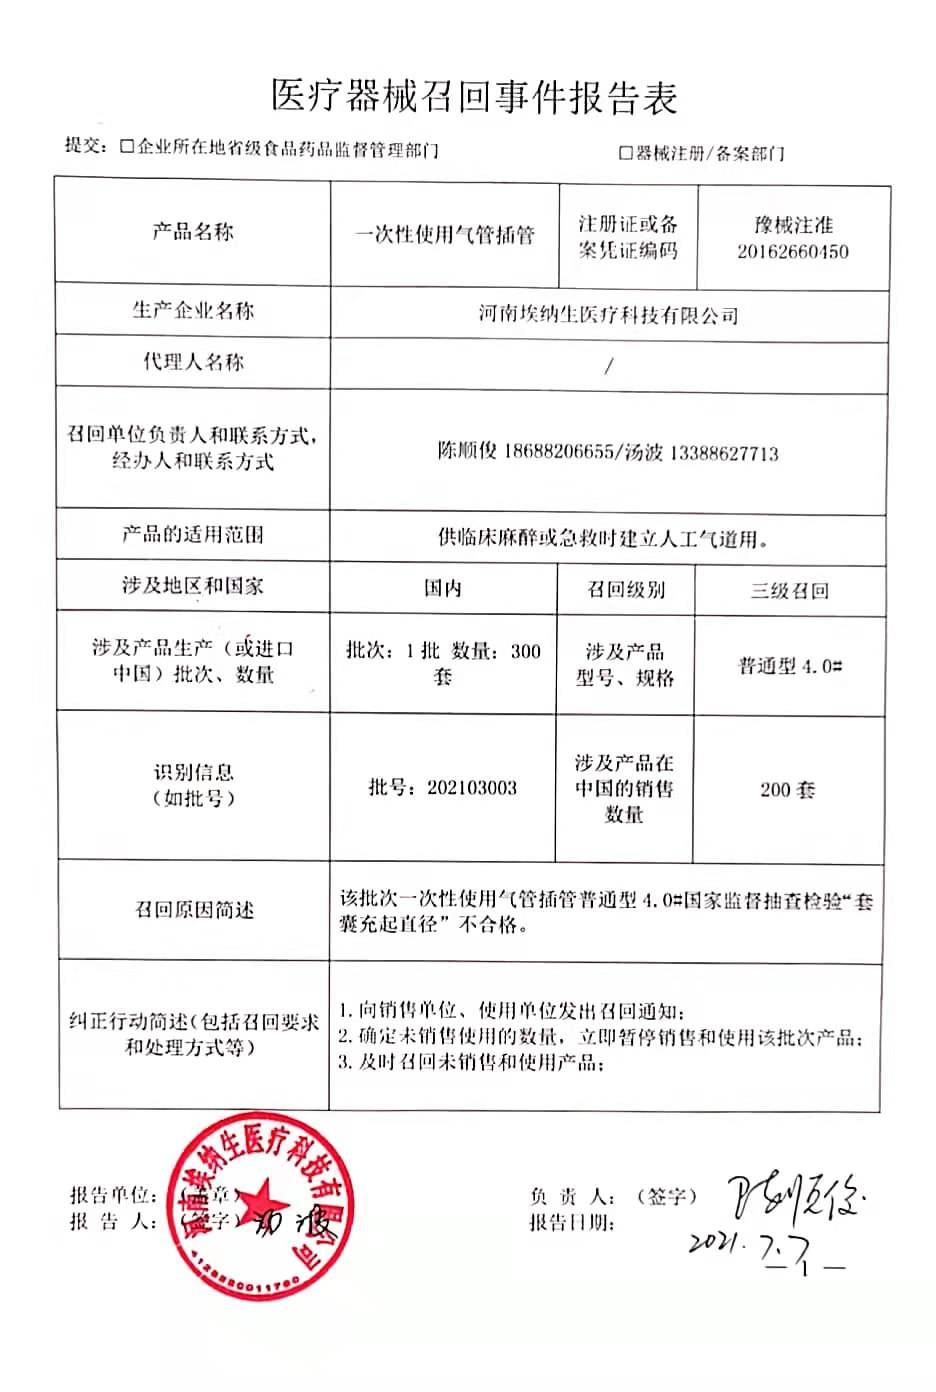 河南埃纳生医疗科技有限公司对 一次性使用气管插管主动召回